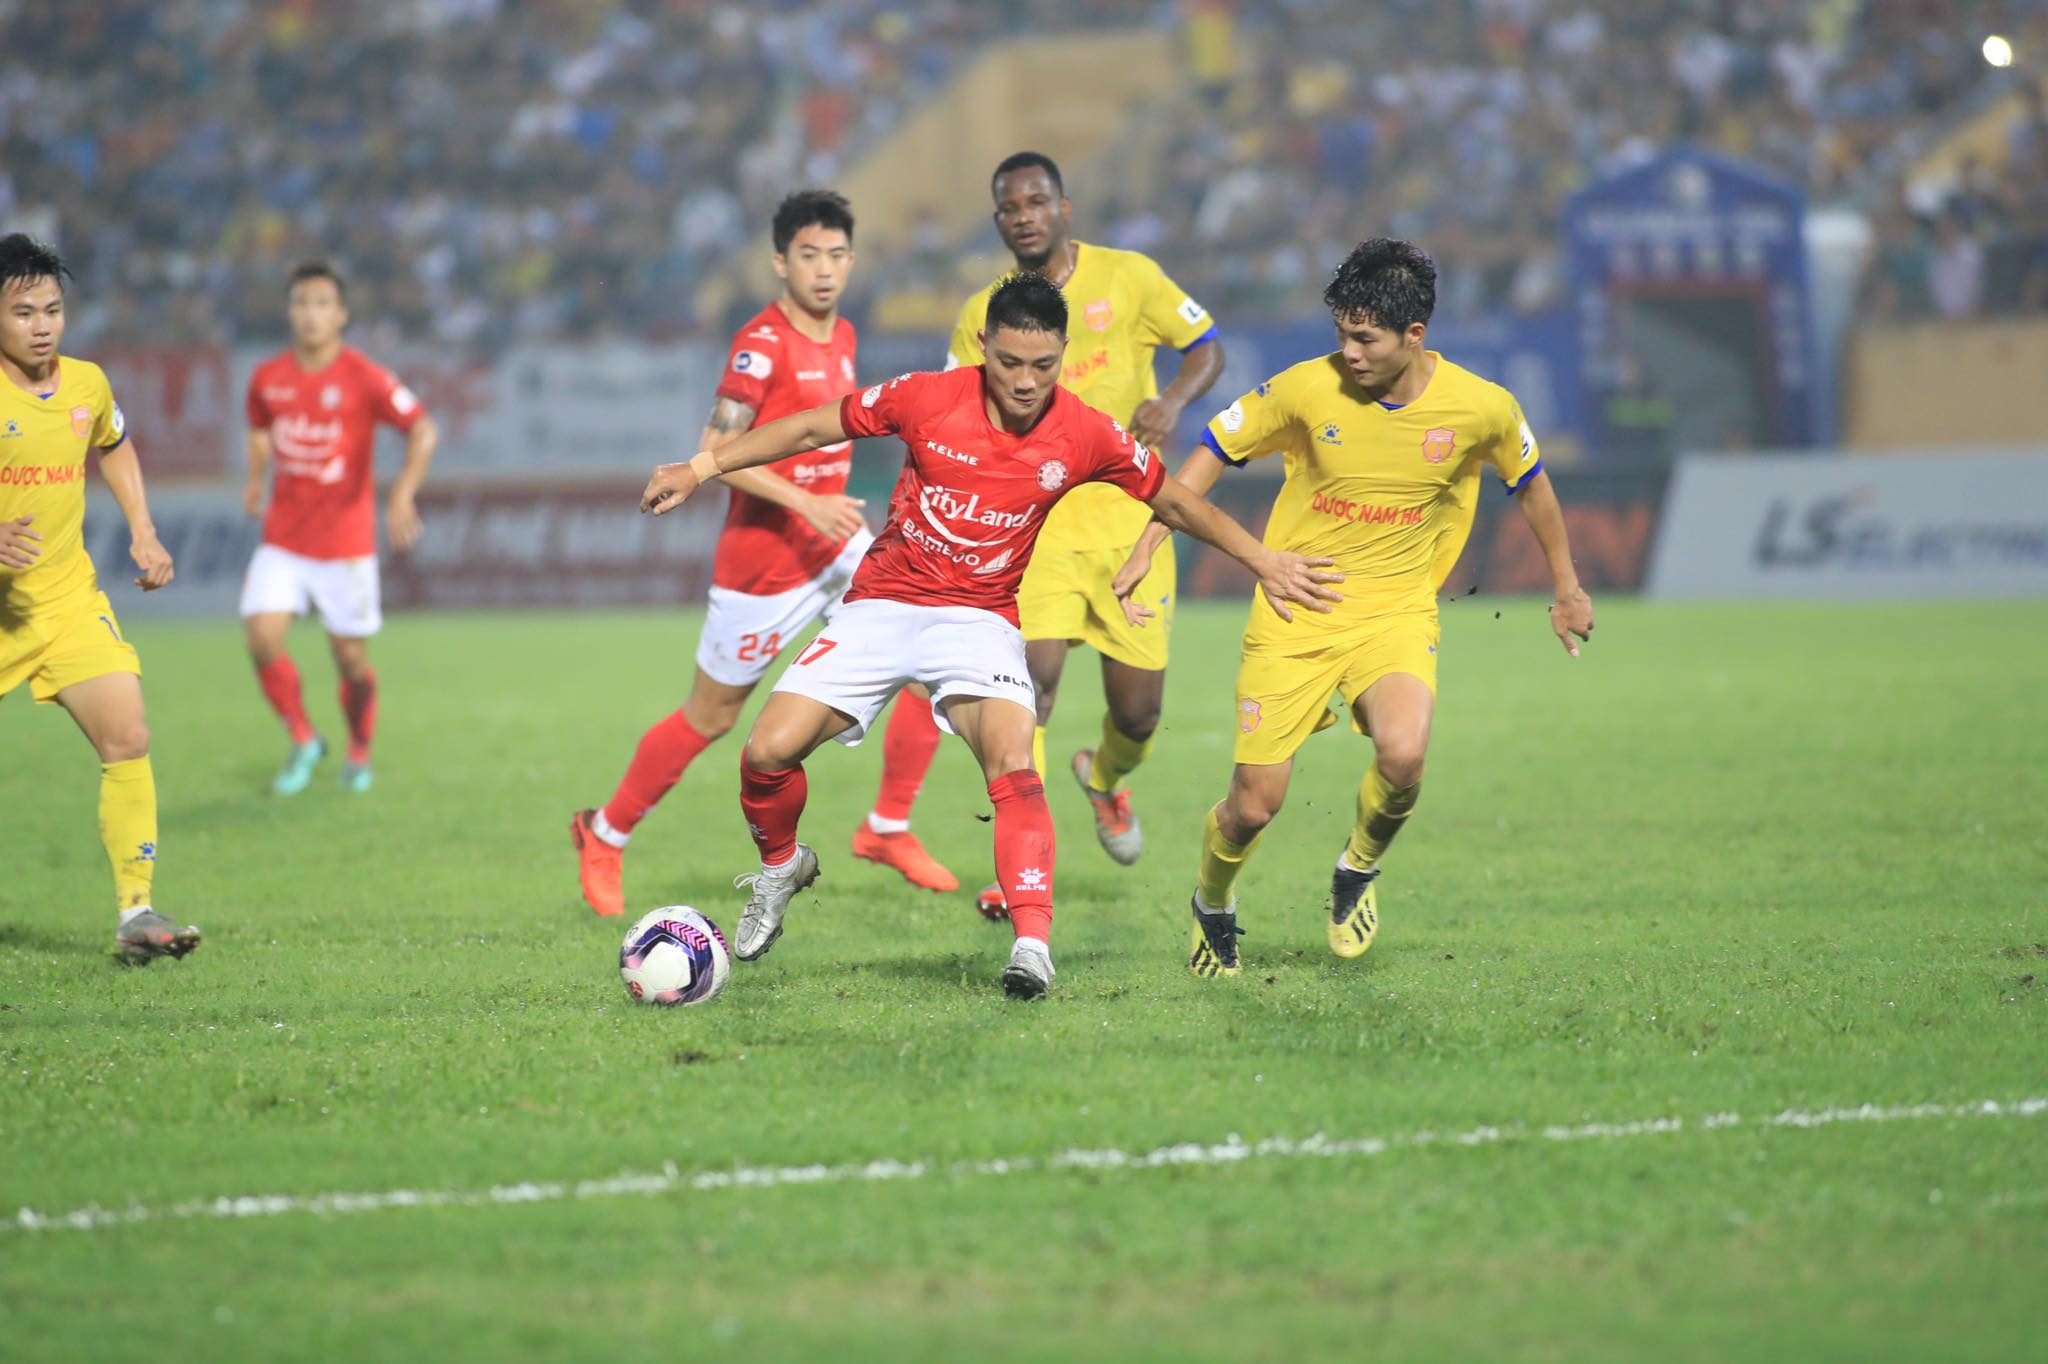 Trận đấu Nam Định vs TP.HCM diễn ra hấp dẫn, kịch tính - Ảnh: Phan Tùng